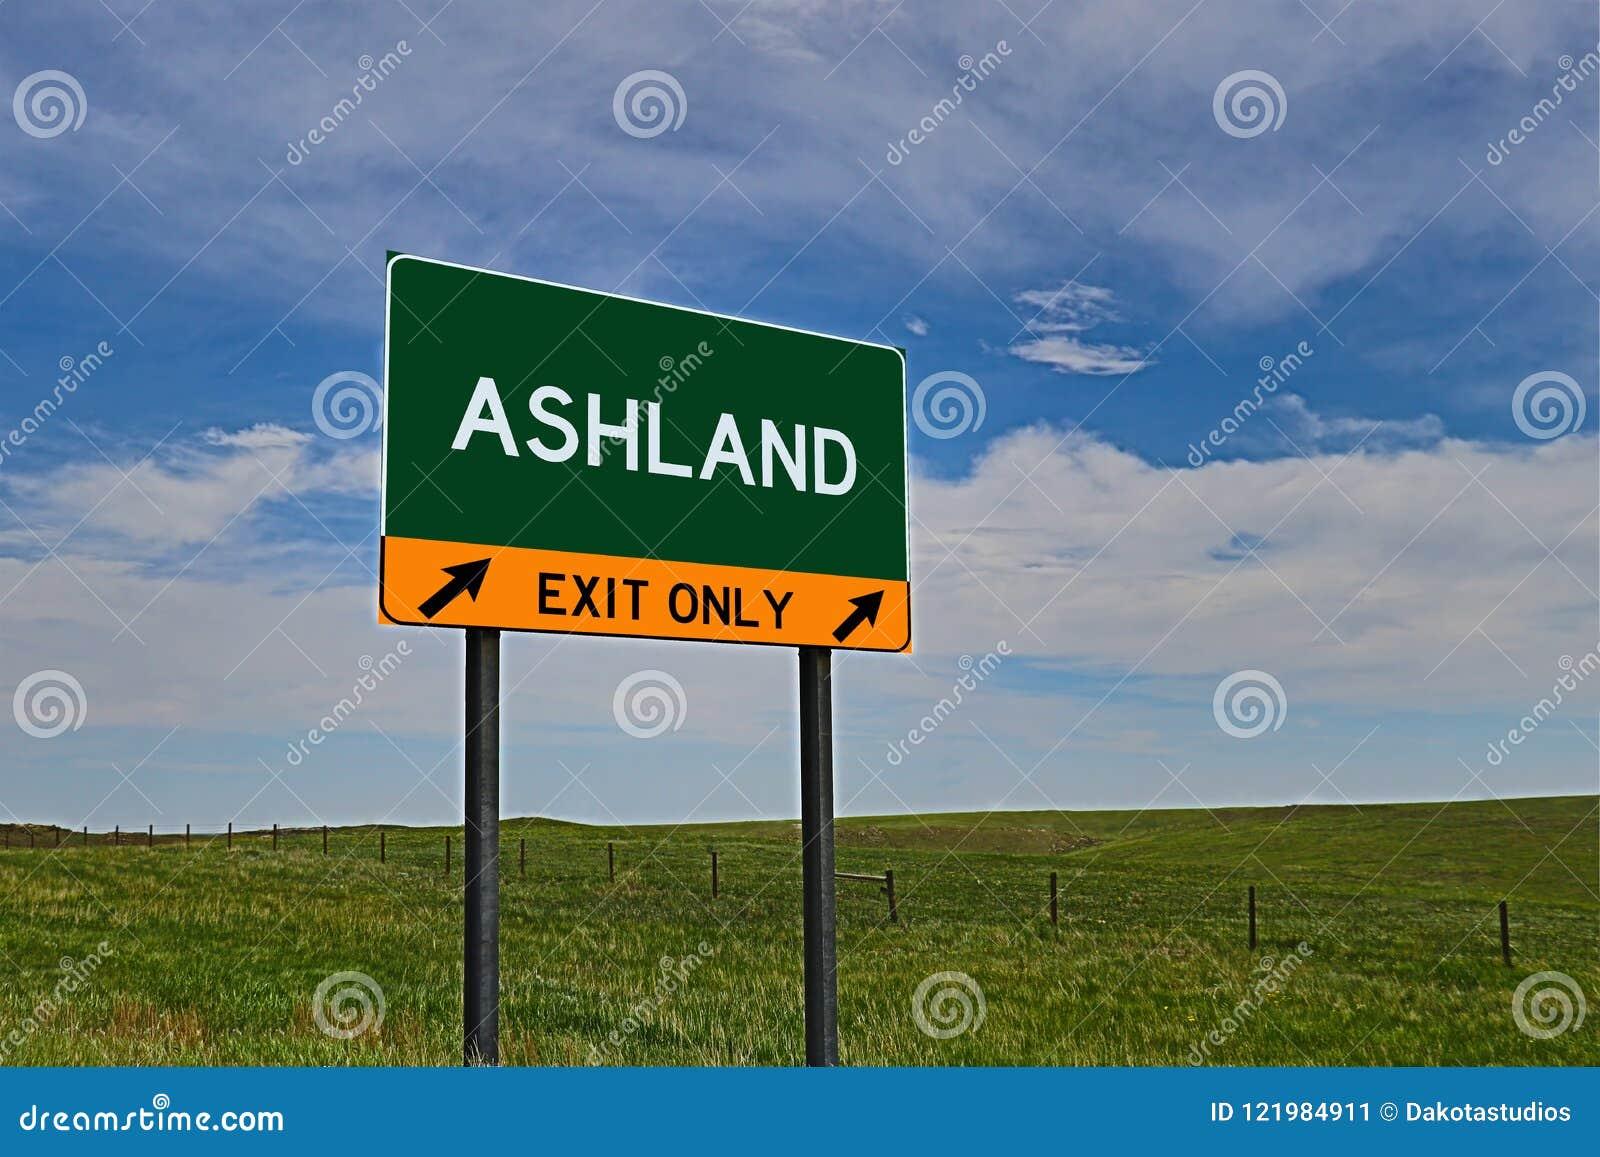 美国高速公路阿什兰的出口标志